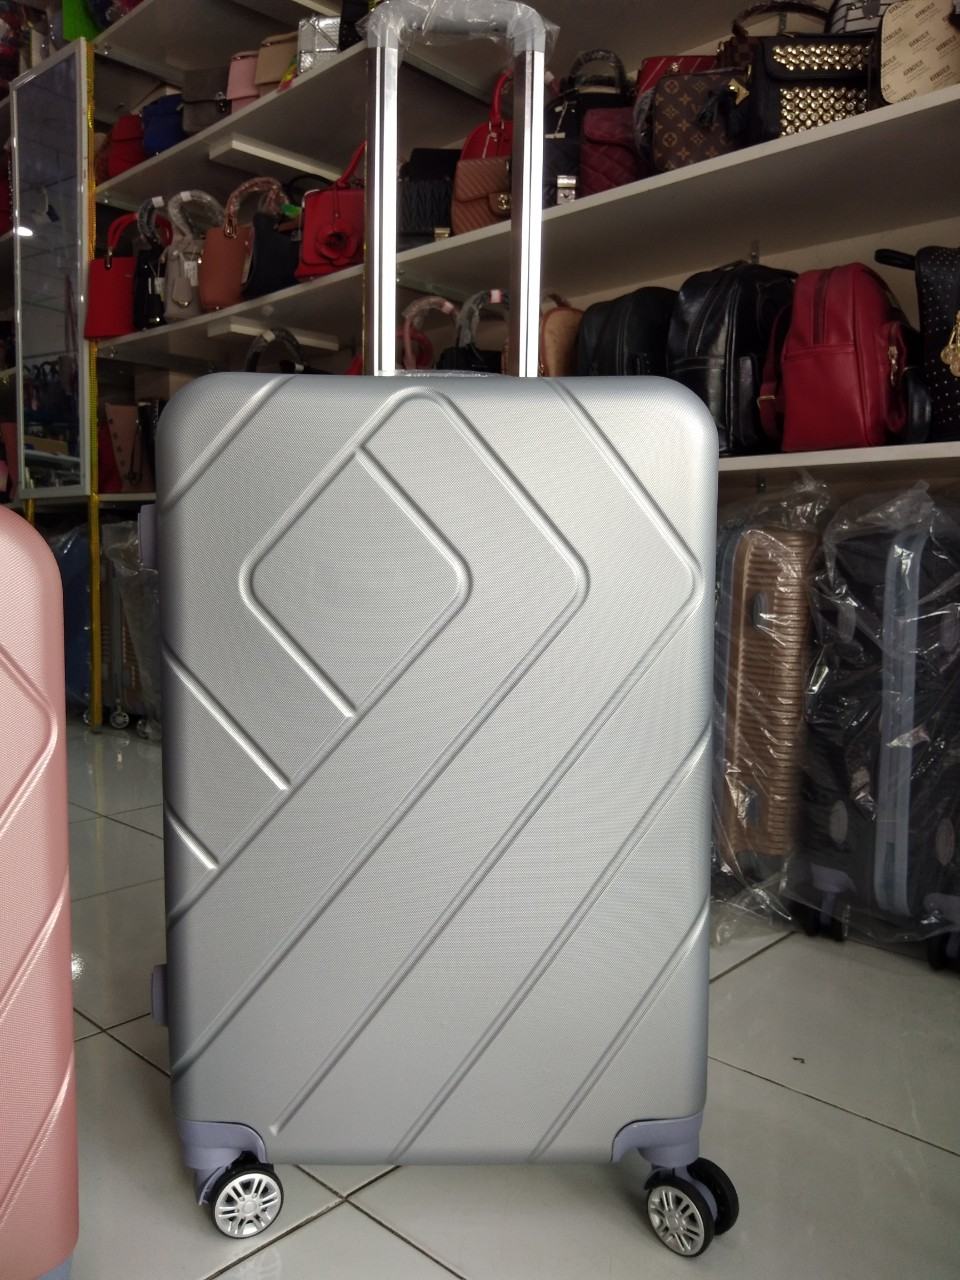 Sản xuất may gia công vali đặt hàng sỉ Về hàng thường xuyên LUÔN CẬP NHẬT MẪU MỚI TRÊN WEB vuahangsi.net / shalla.vn